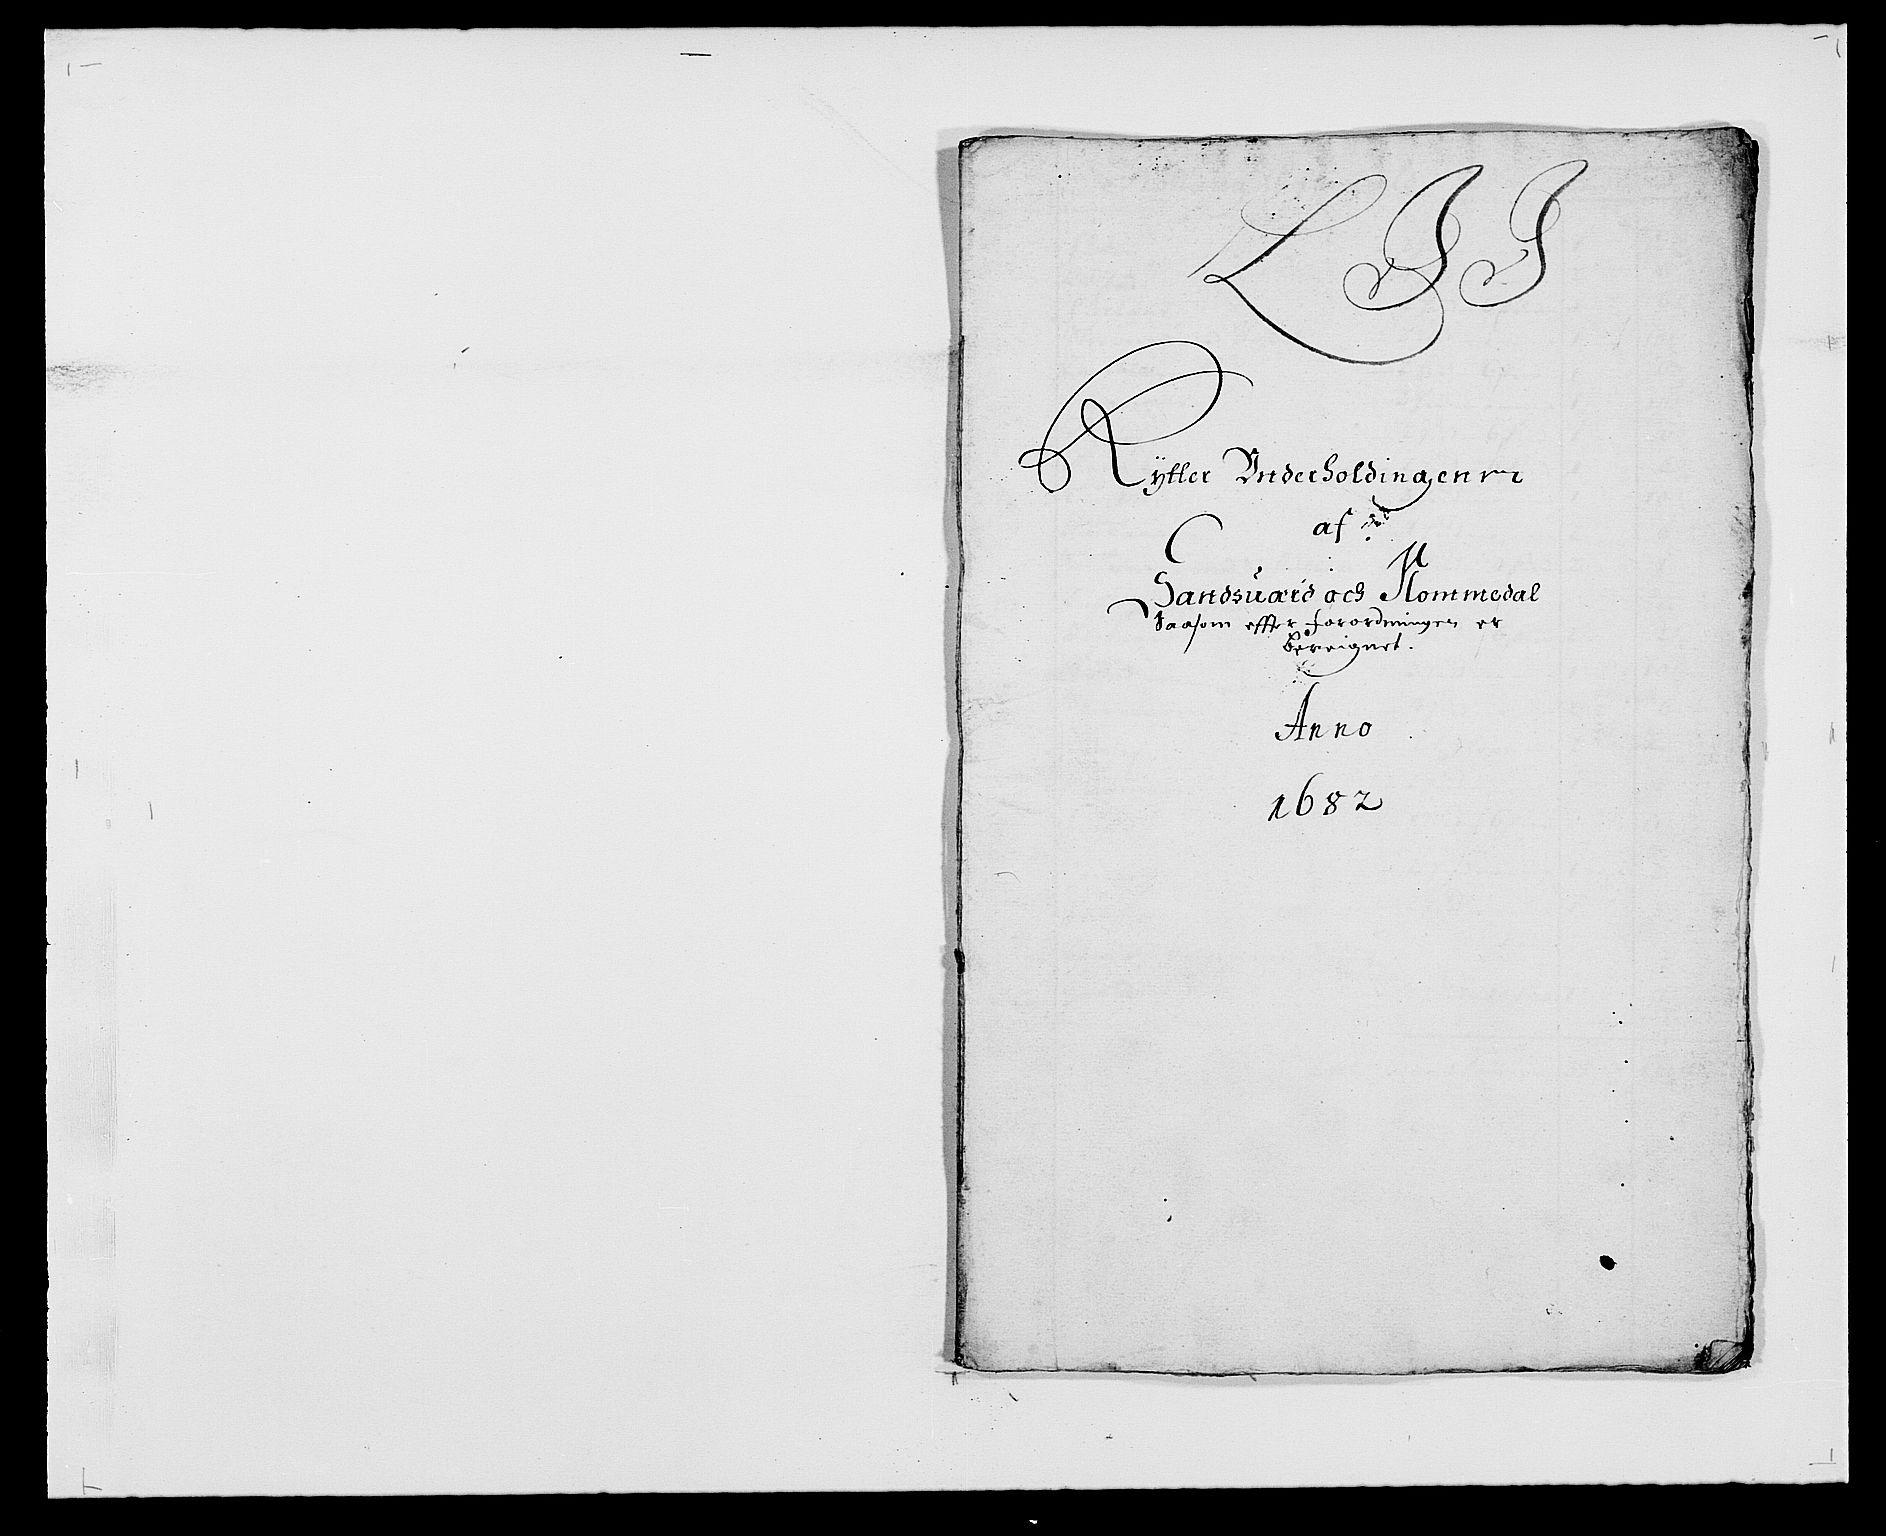 RA, Rentekammeret inntil 1814, Reviderte regnskaper, Fogderegnskap, R24/L1570: Fogderegnskap Numedal og Sandsvær, 1679-1686, s. 169